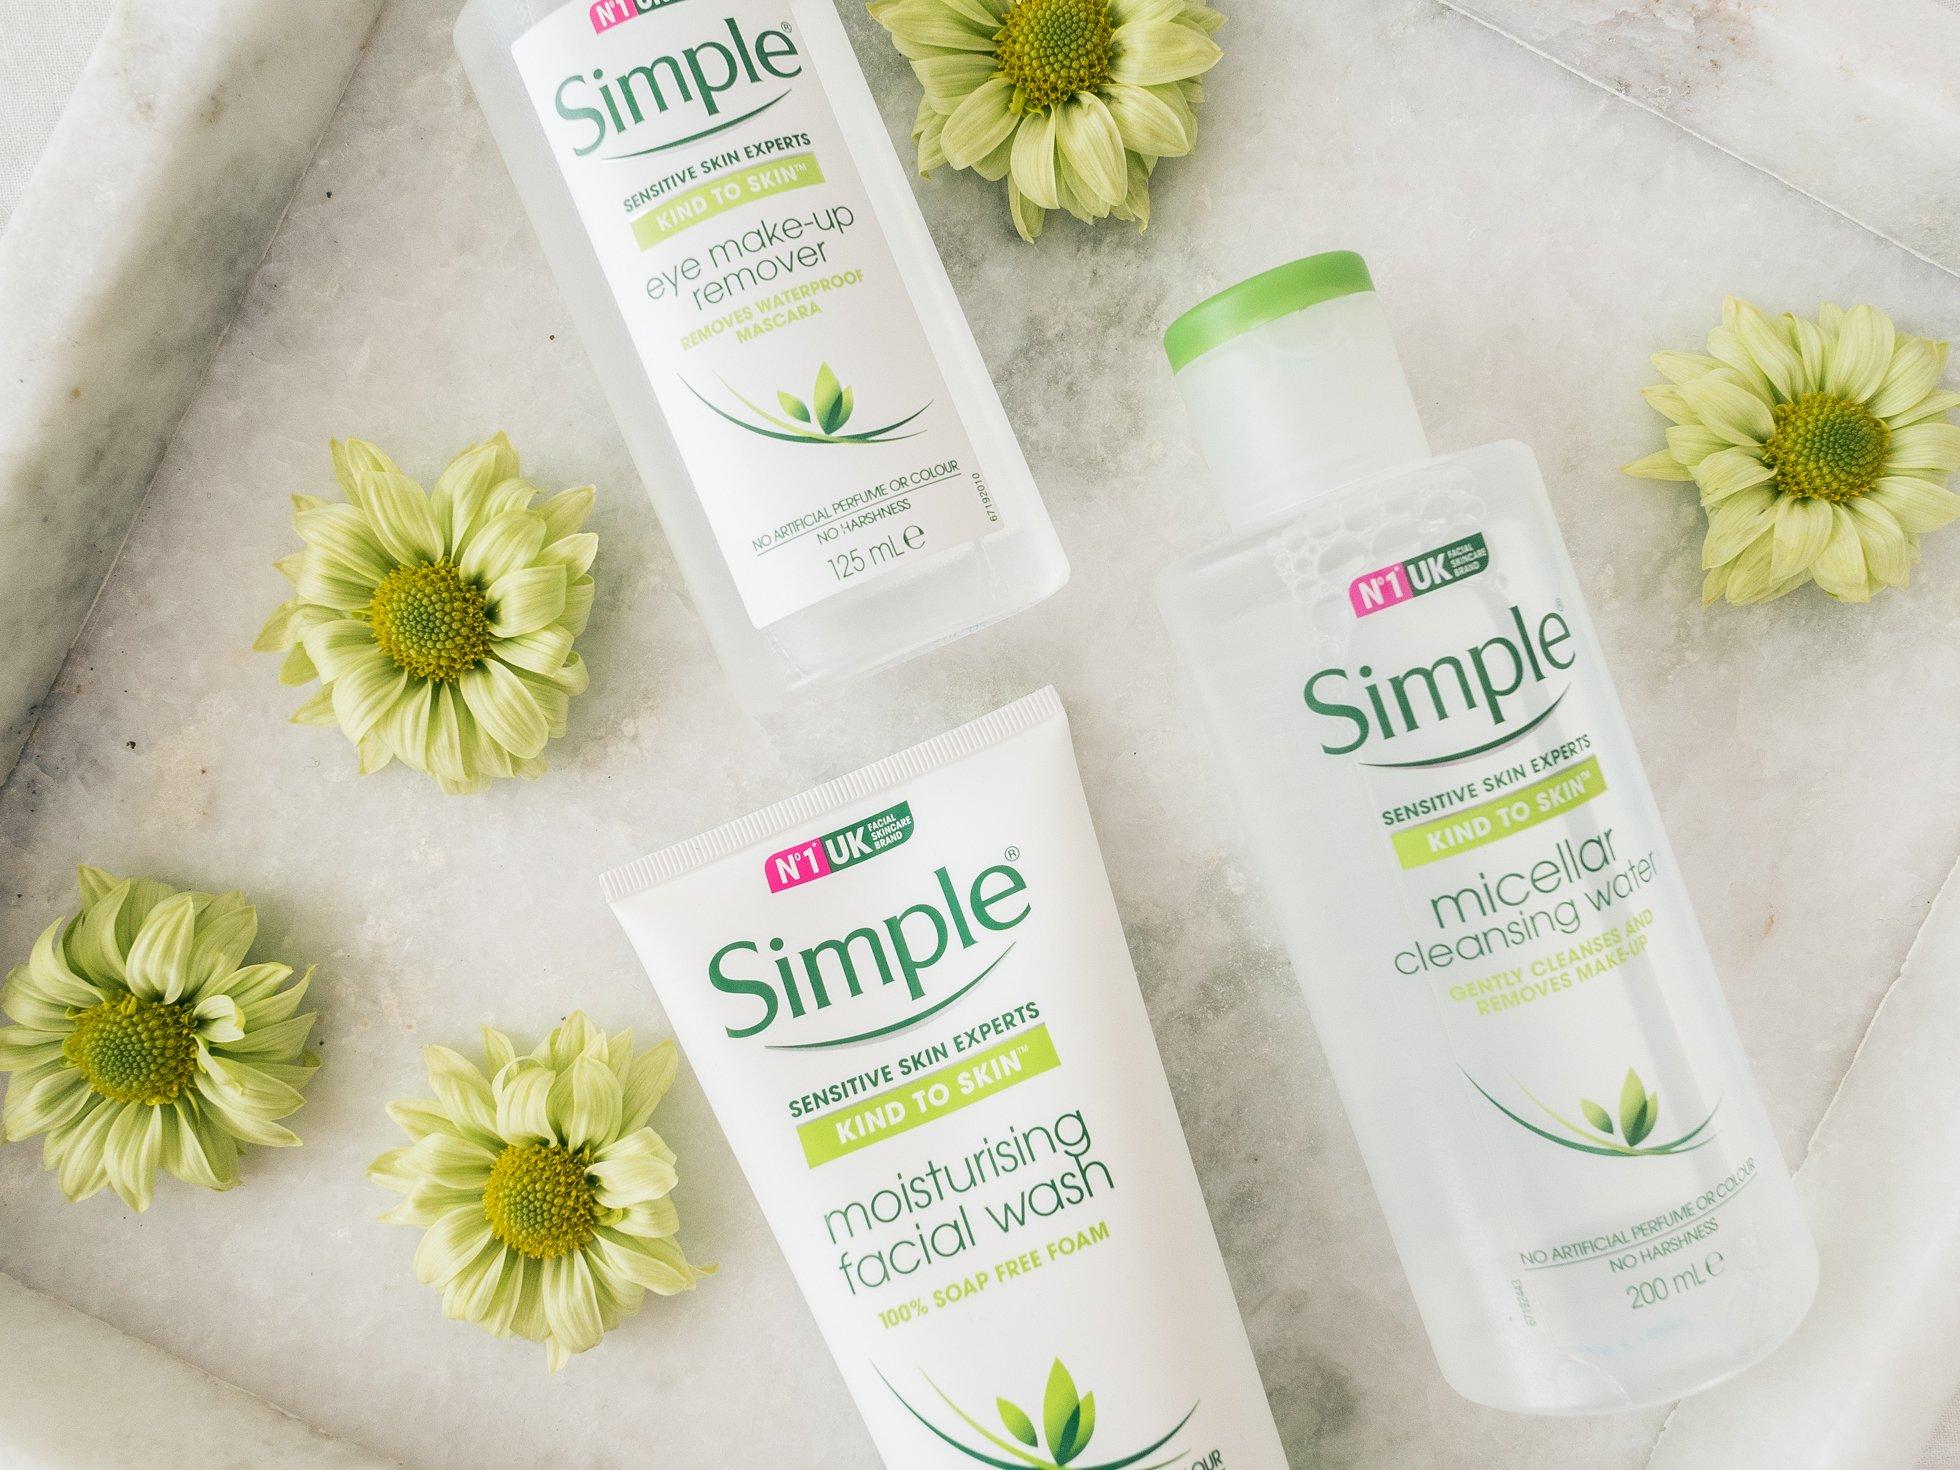 Hellävarainen ihonhoitosarja Simple testissä @monavisuri